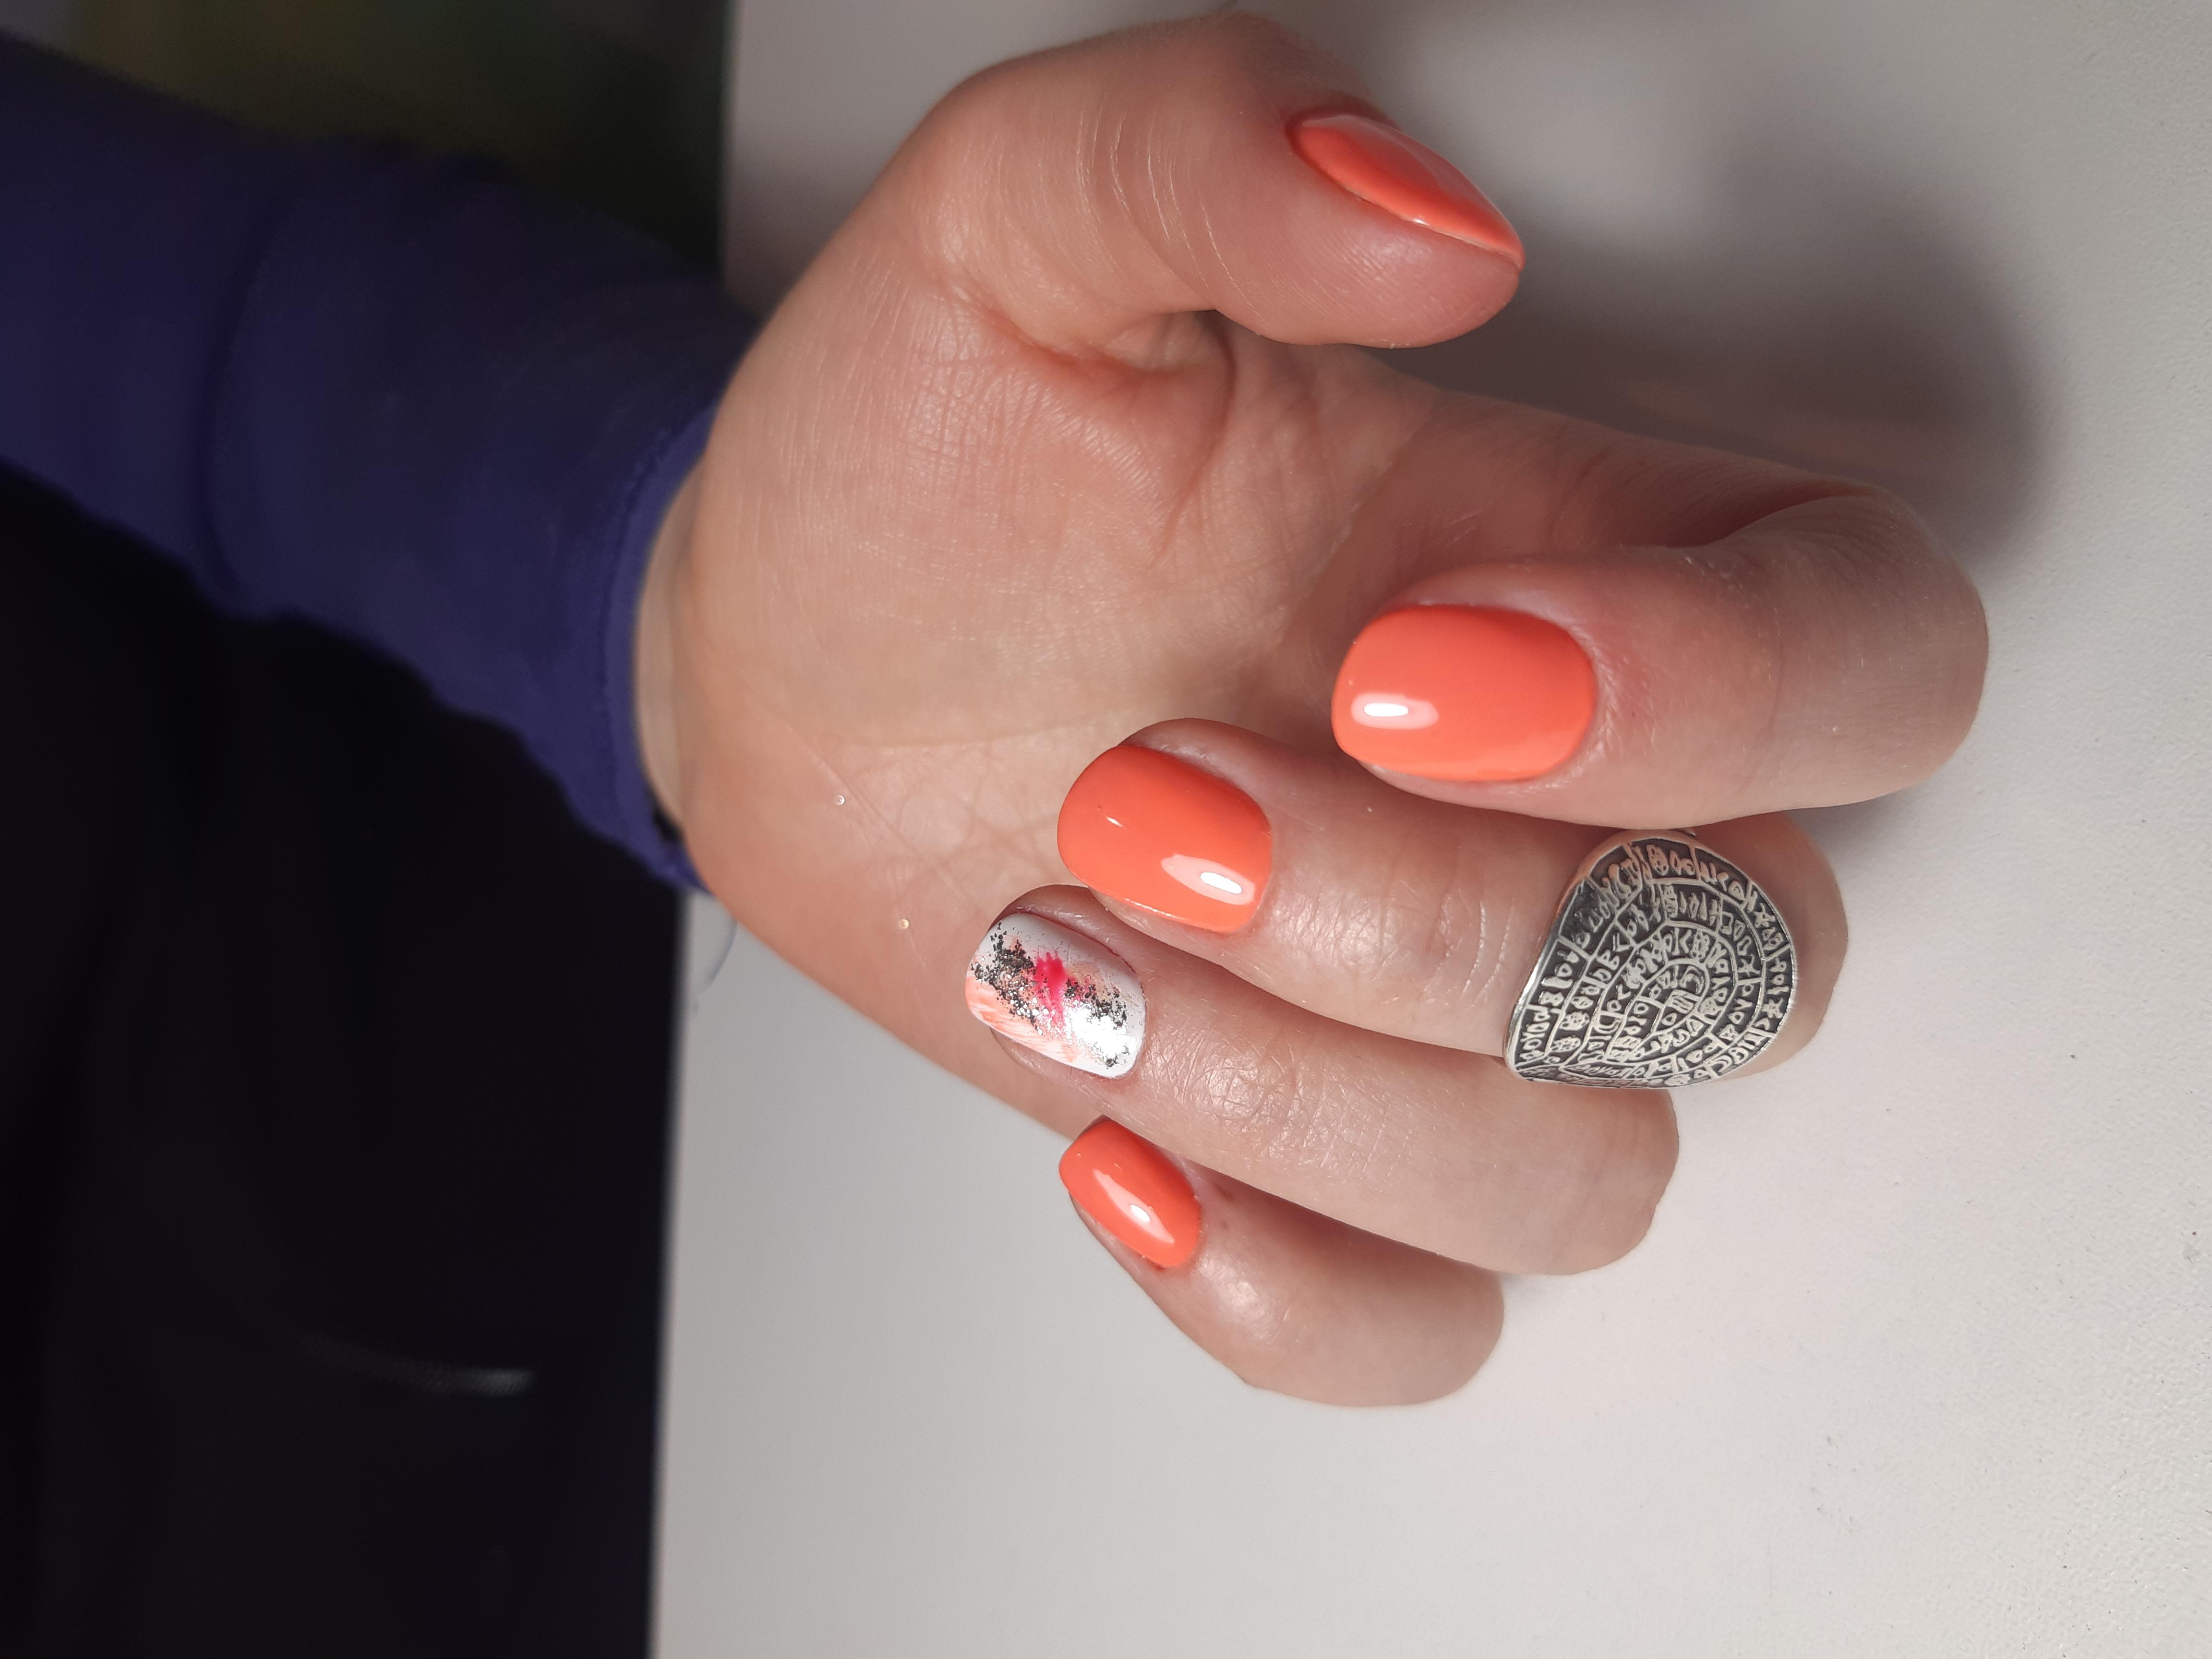 Маникюр в ярком оранжевом цвете с абстрактным дизайном и серебряными блёстками.